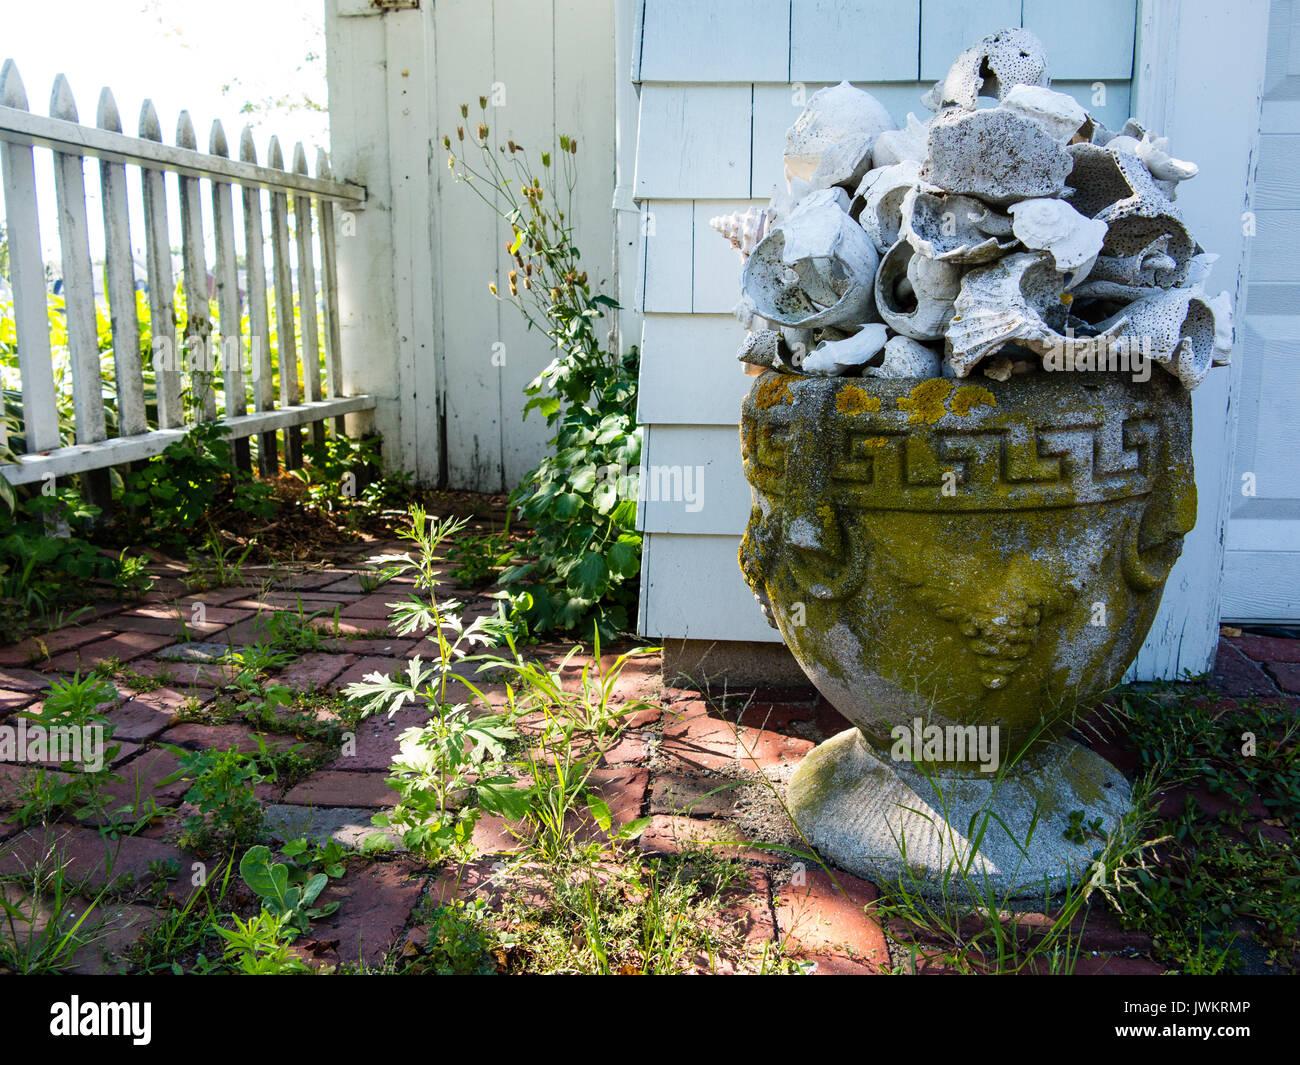 Sehr Garten Urne voller Muscheln auf einem Stein Terrasse Stockfoto IF95